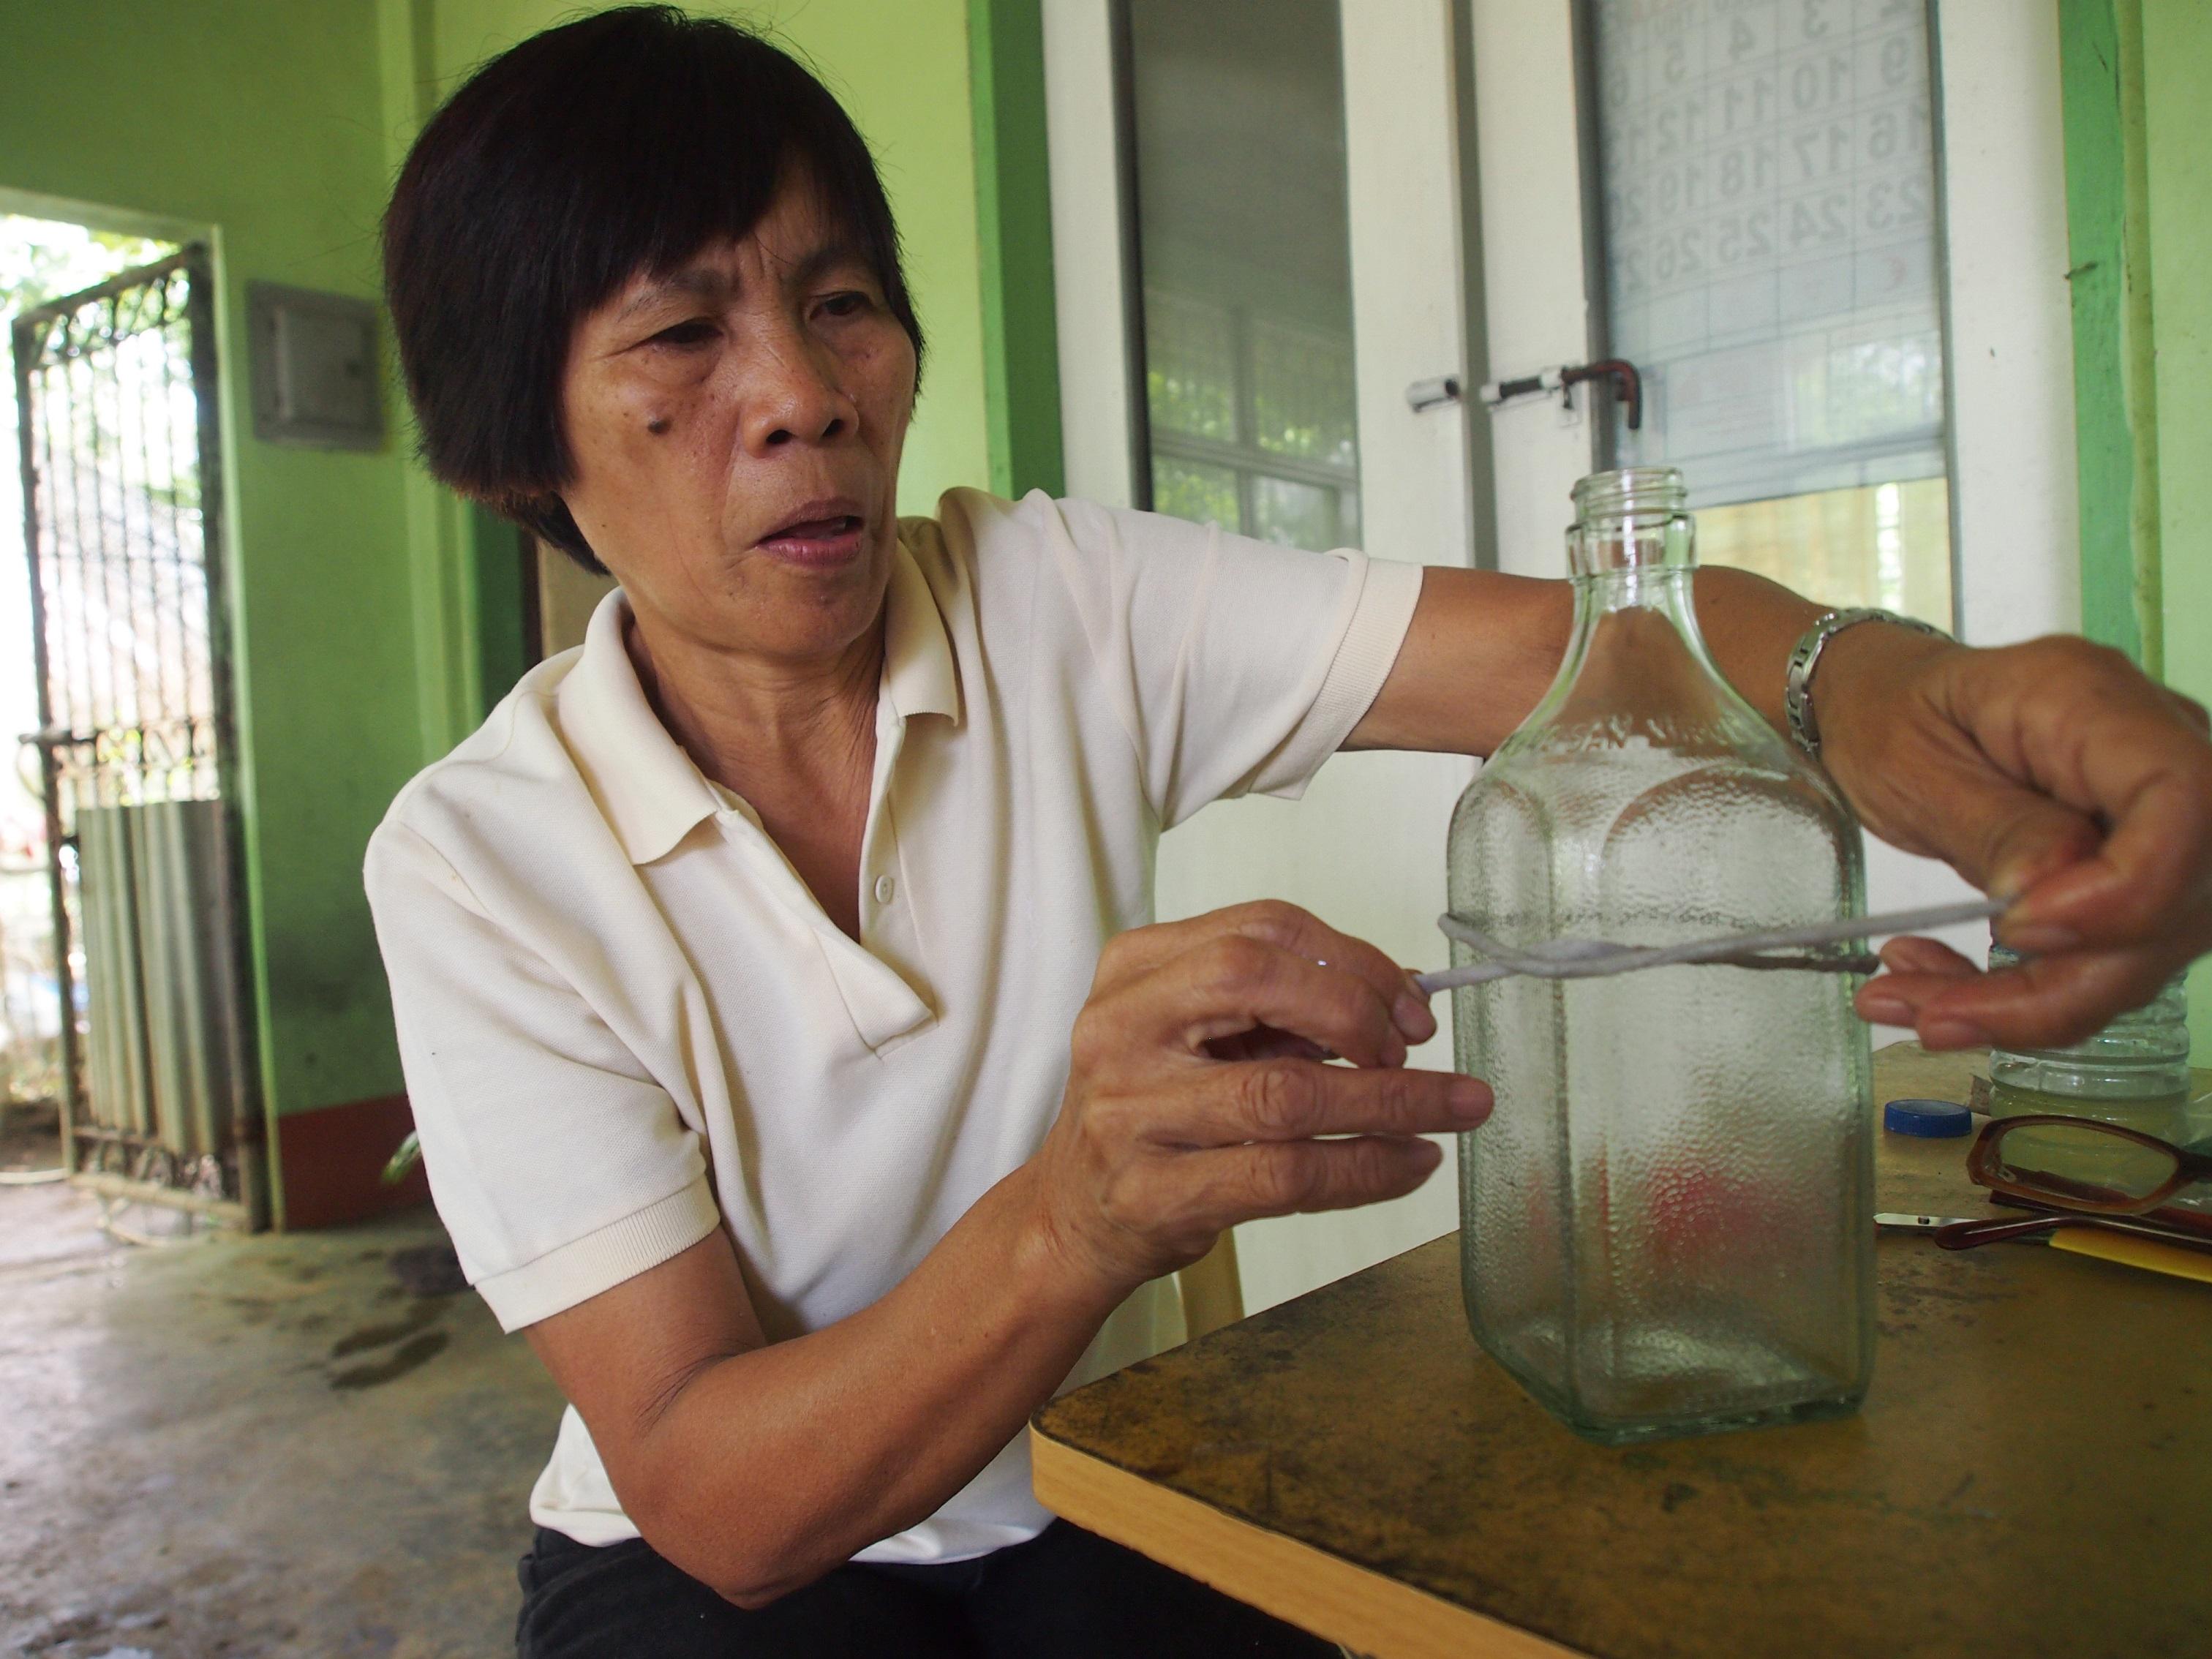 空き瓶オイル糸